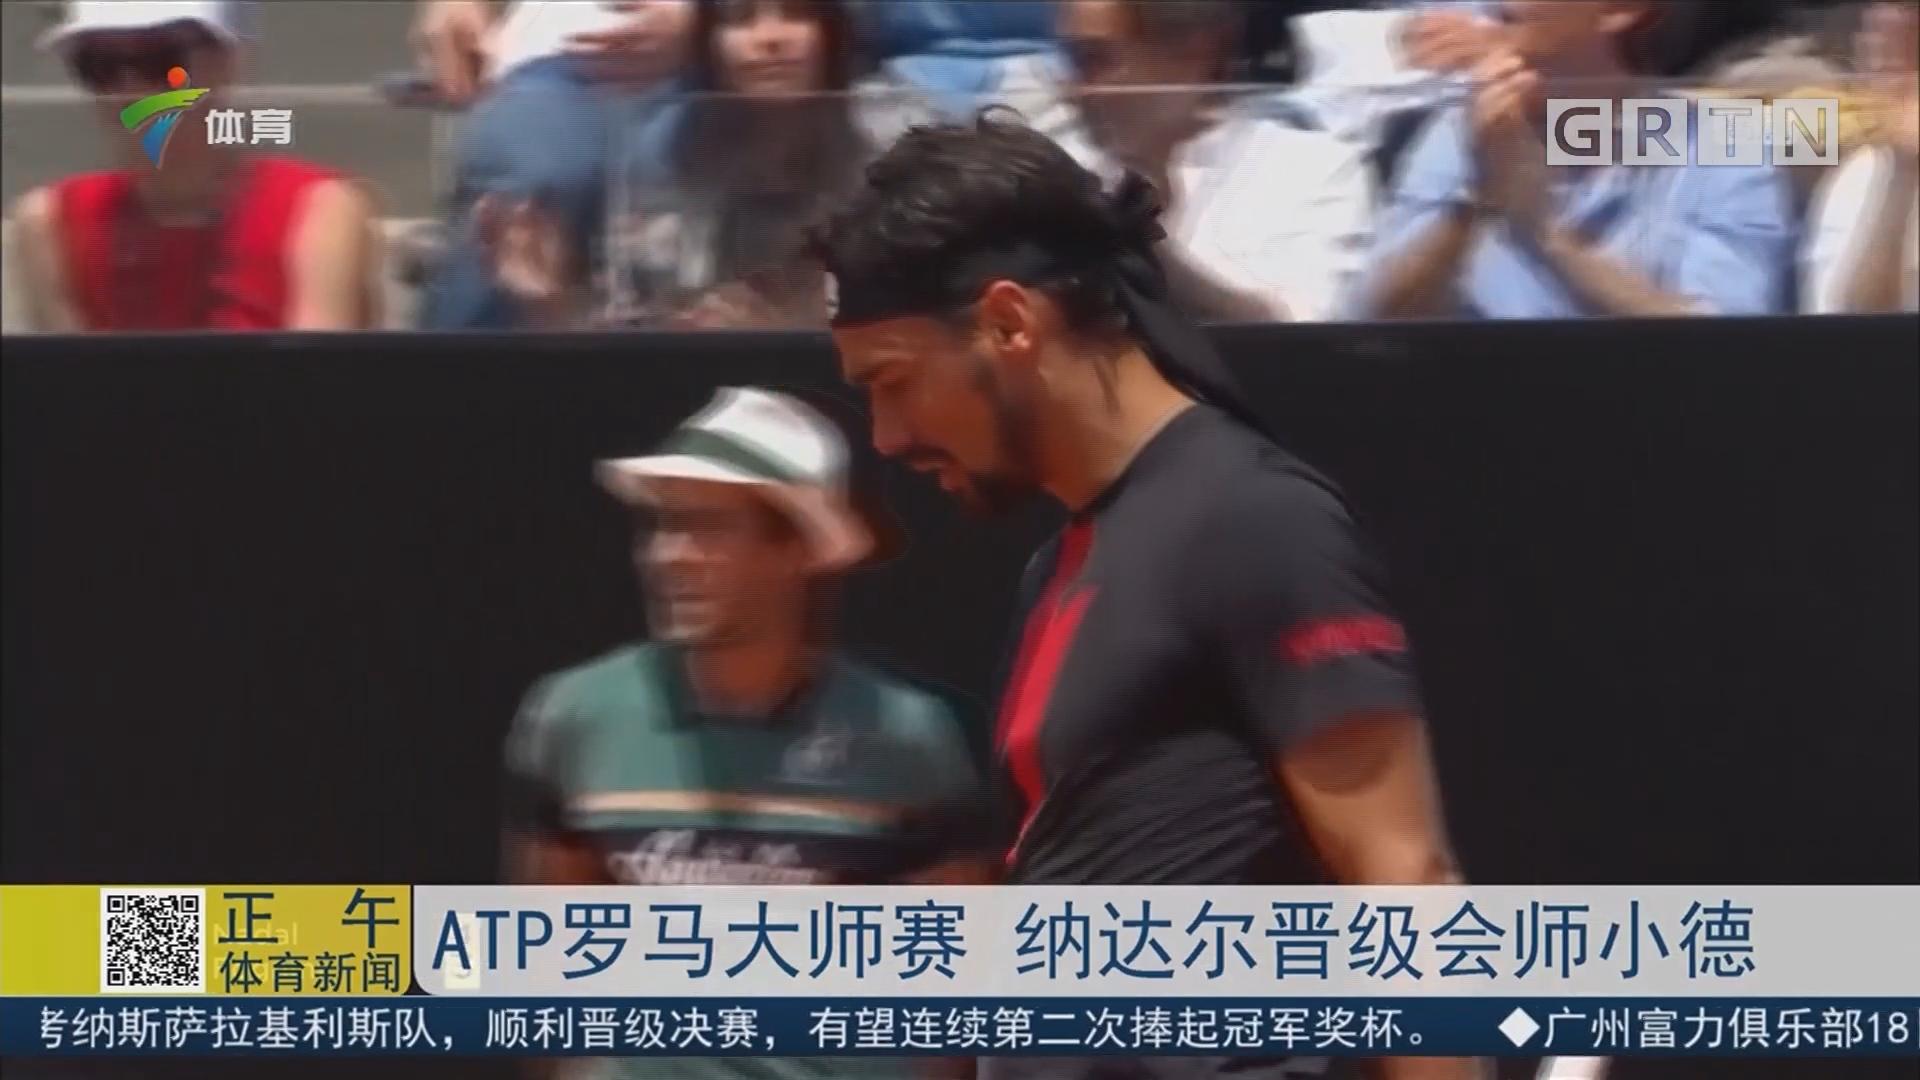 ATP罗马大师赛 纳达尔晋级会师小德